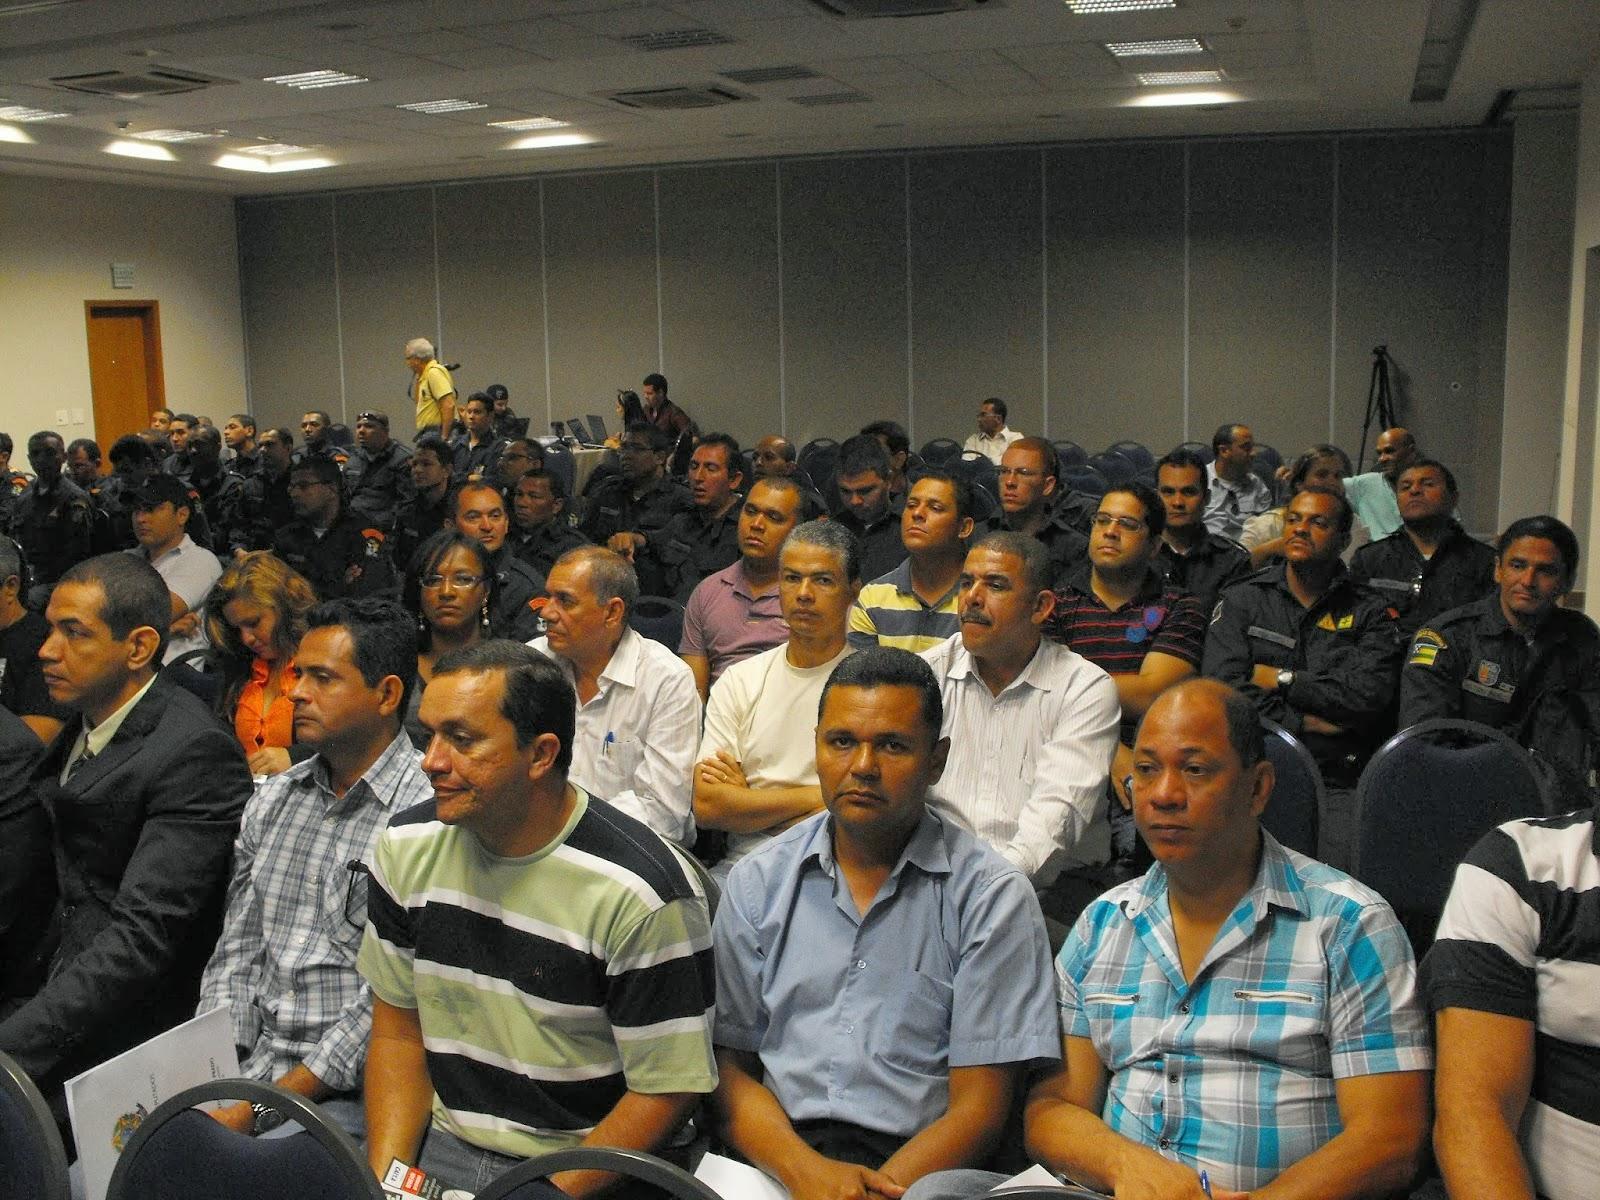 MILITARES PARTICIPANDO DO ENCONTRO REGIONAL DA ANASPRA REALIZADO PELA AMESE